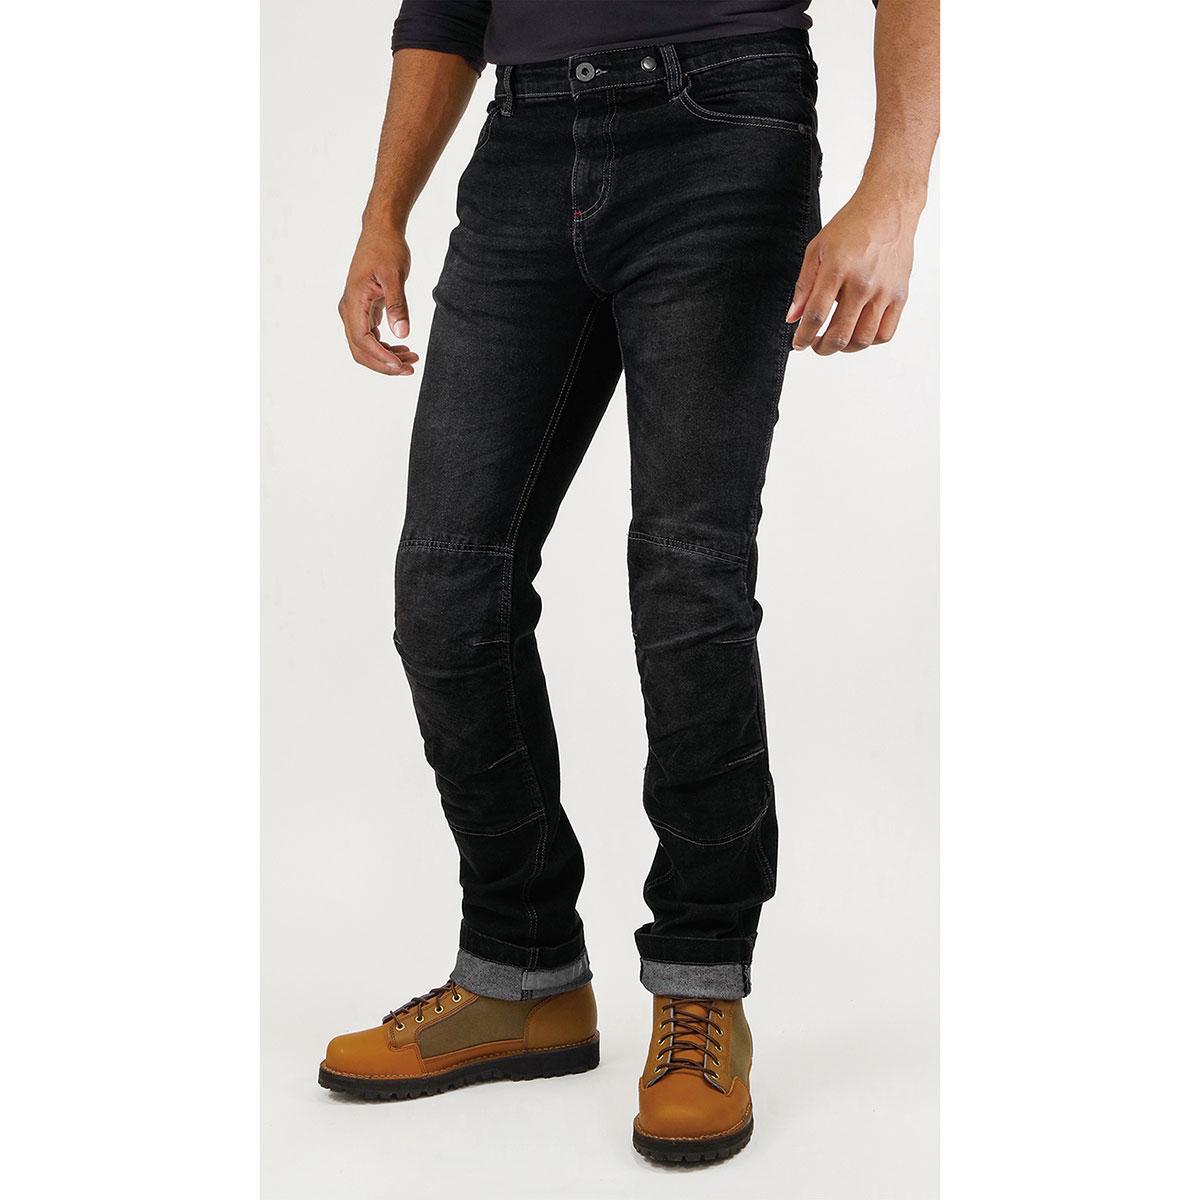 コミネ (Komine) バイク用 パンツ Pants WJ-742R KV ジーンズ ブラック 黒 5XLBサイズ 07-742/BK/5XLB46